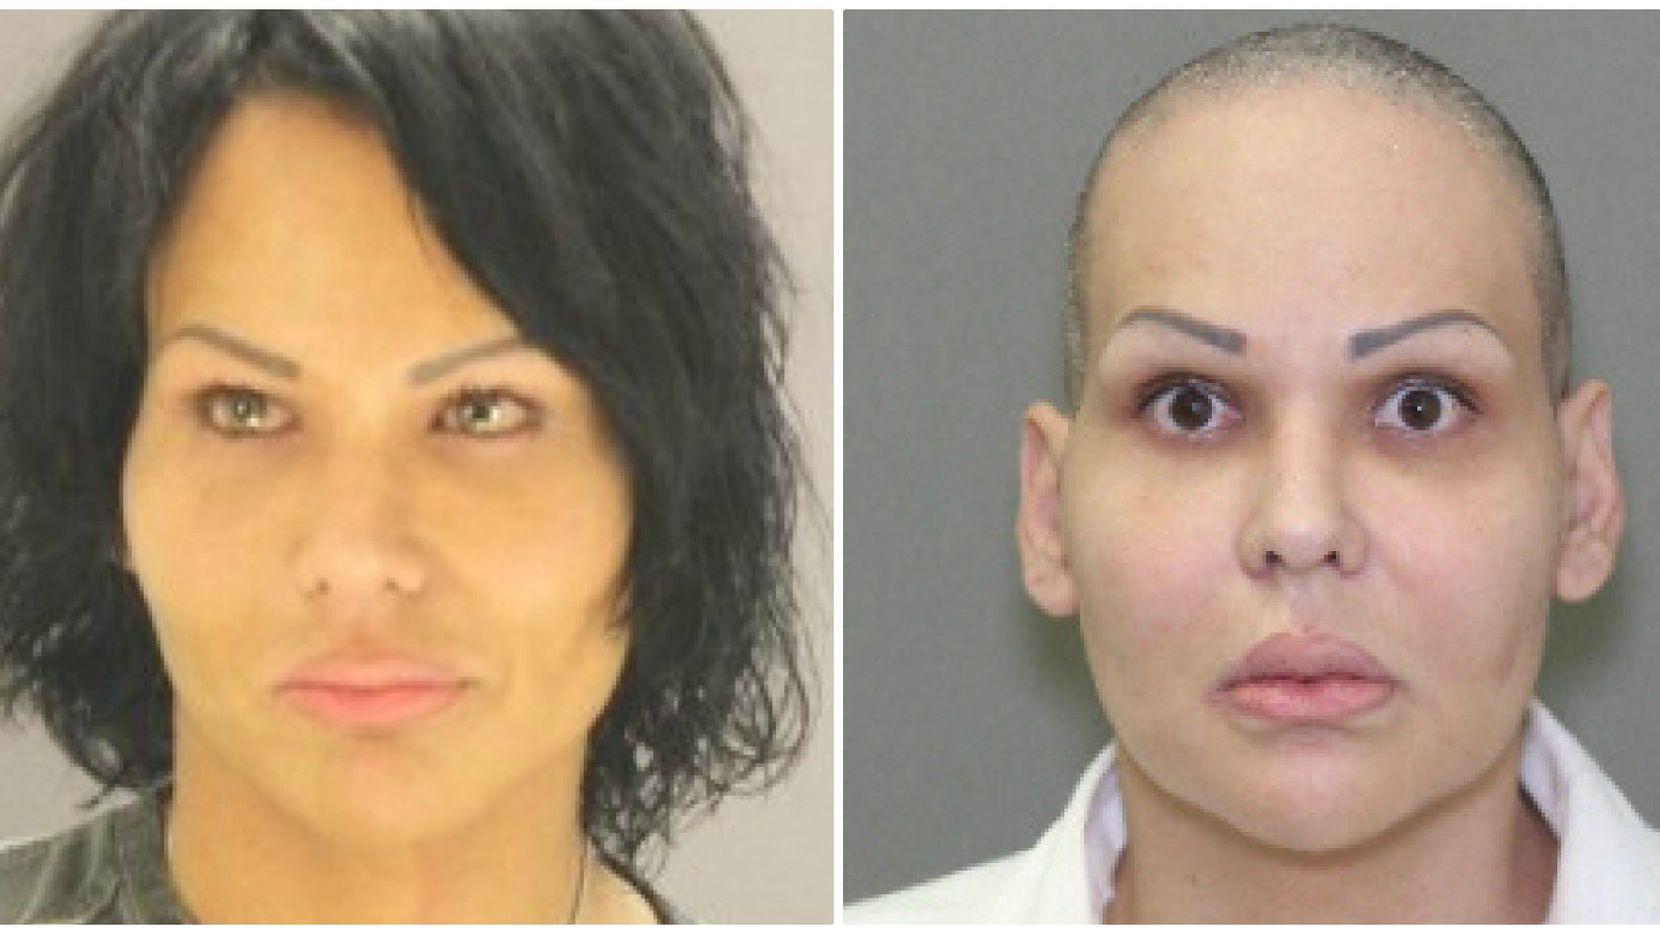 Guilty plea in butt-injection killing lands Dallas woman in